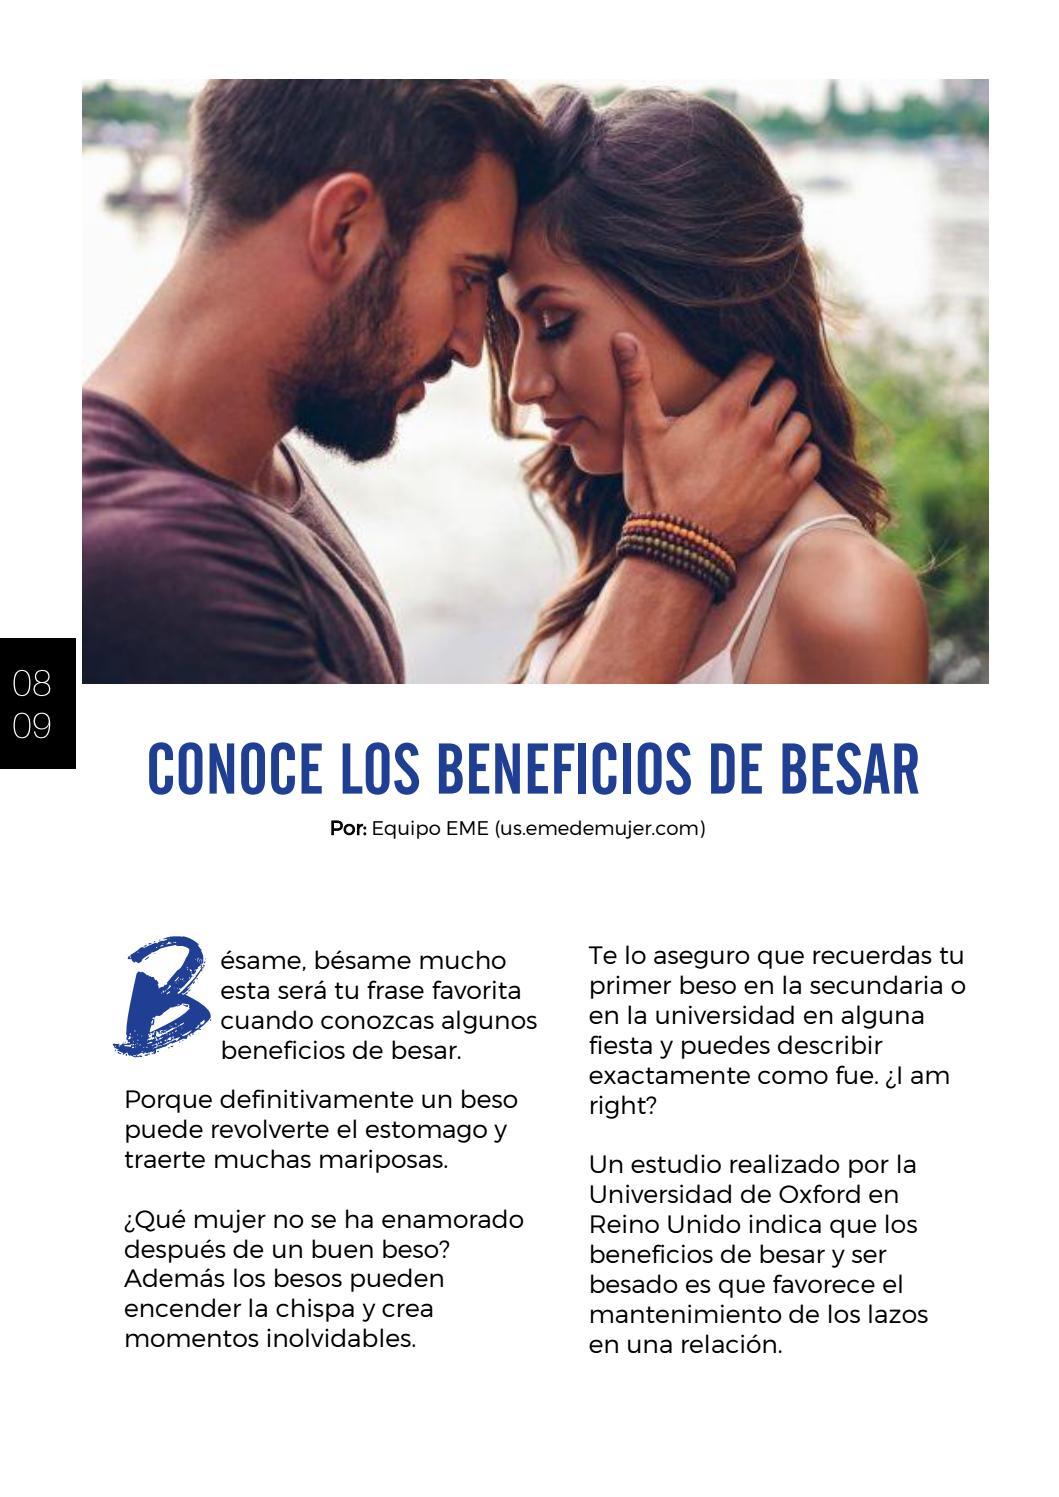 Beneficios fisicos del beso